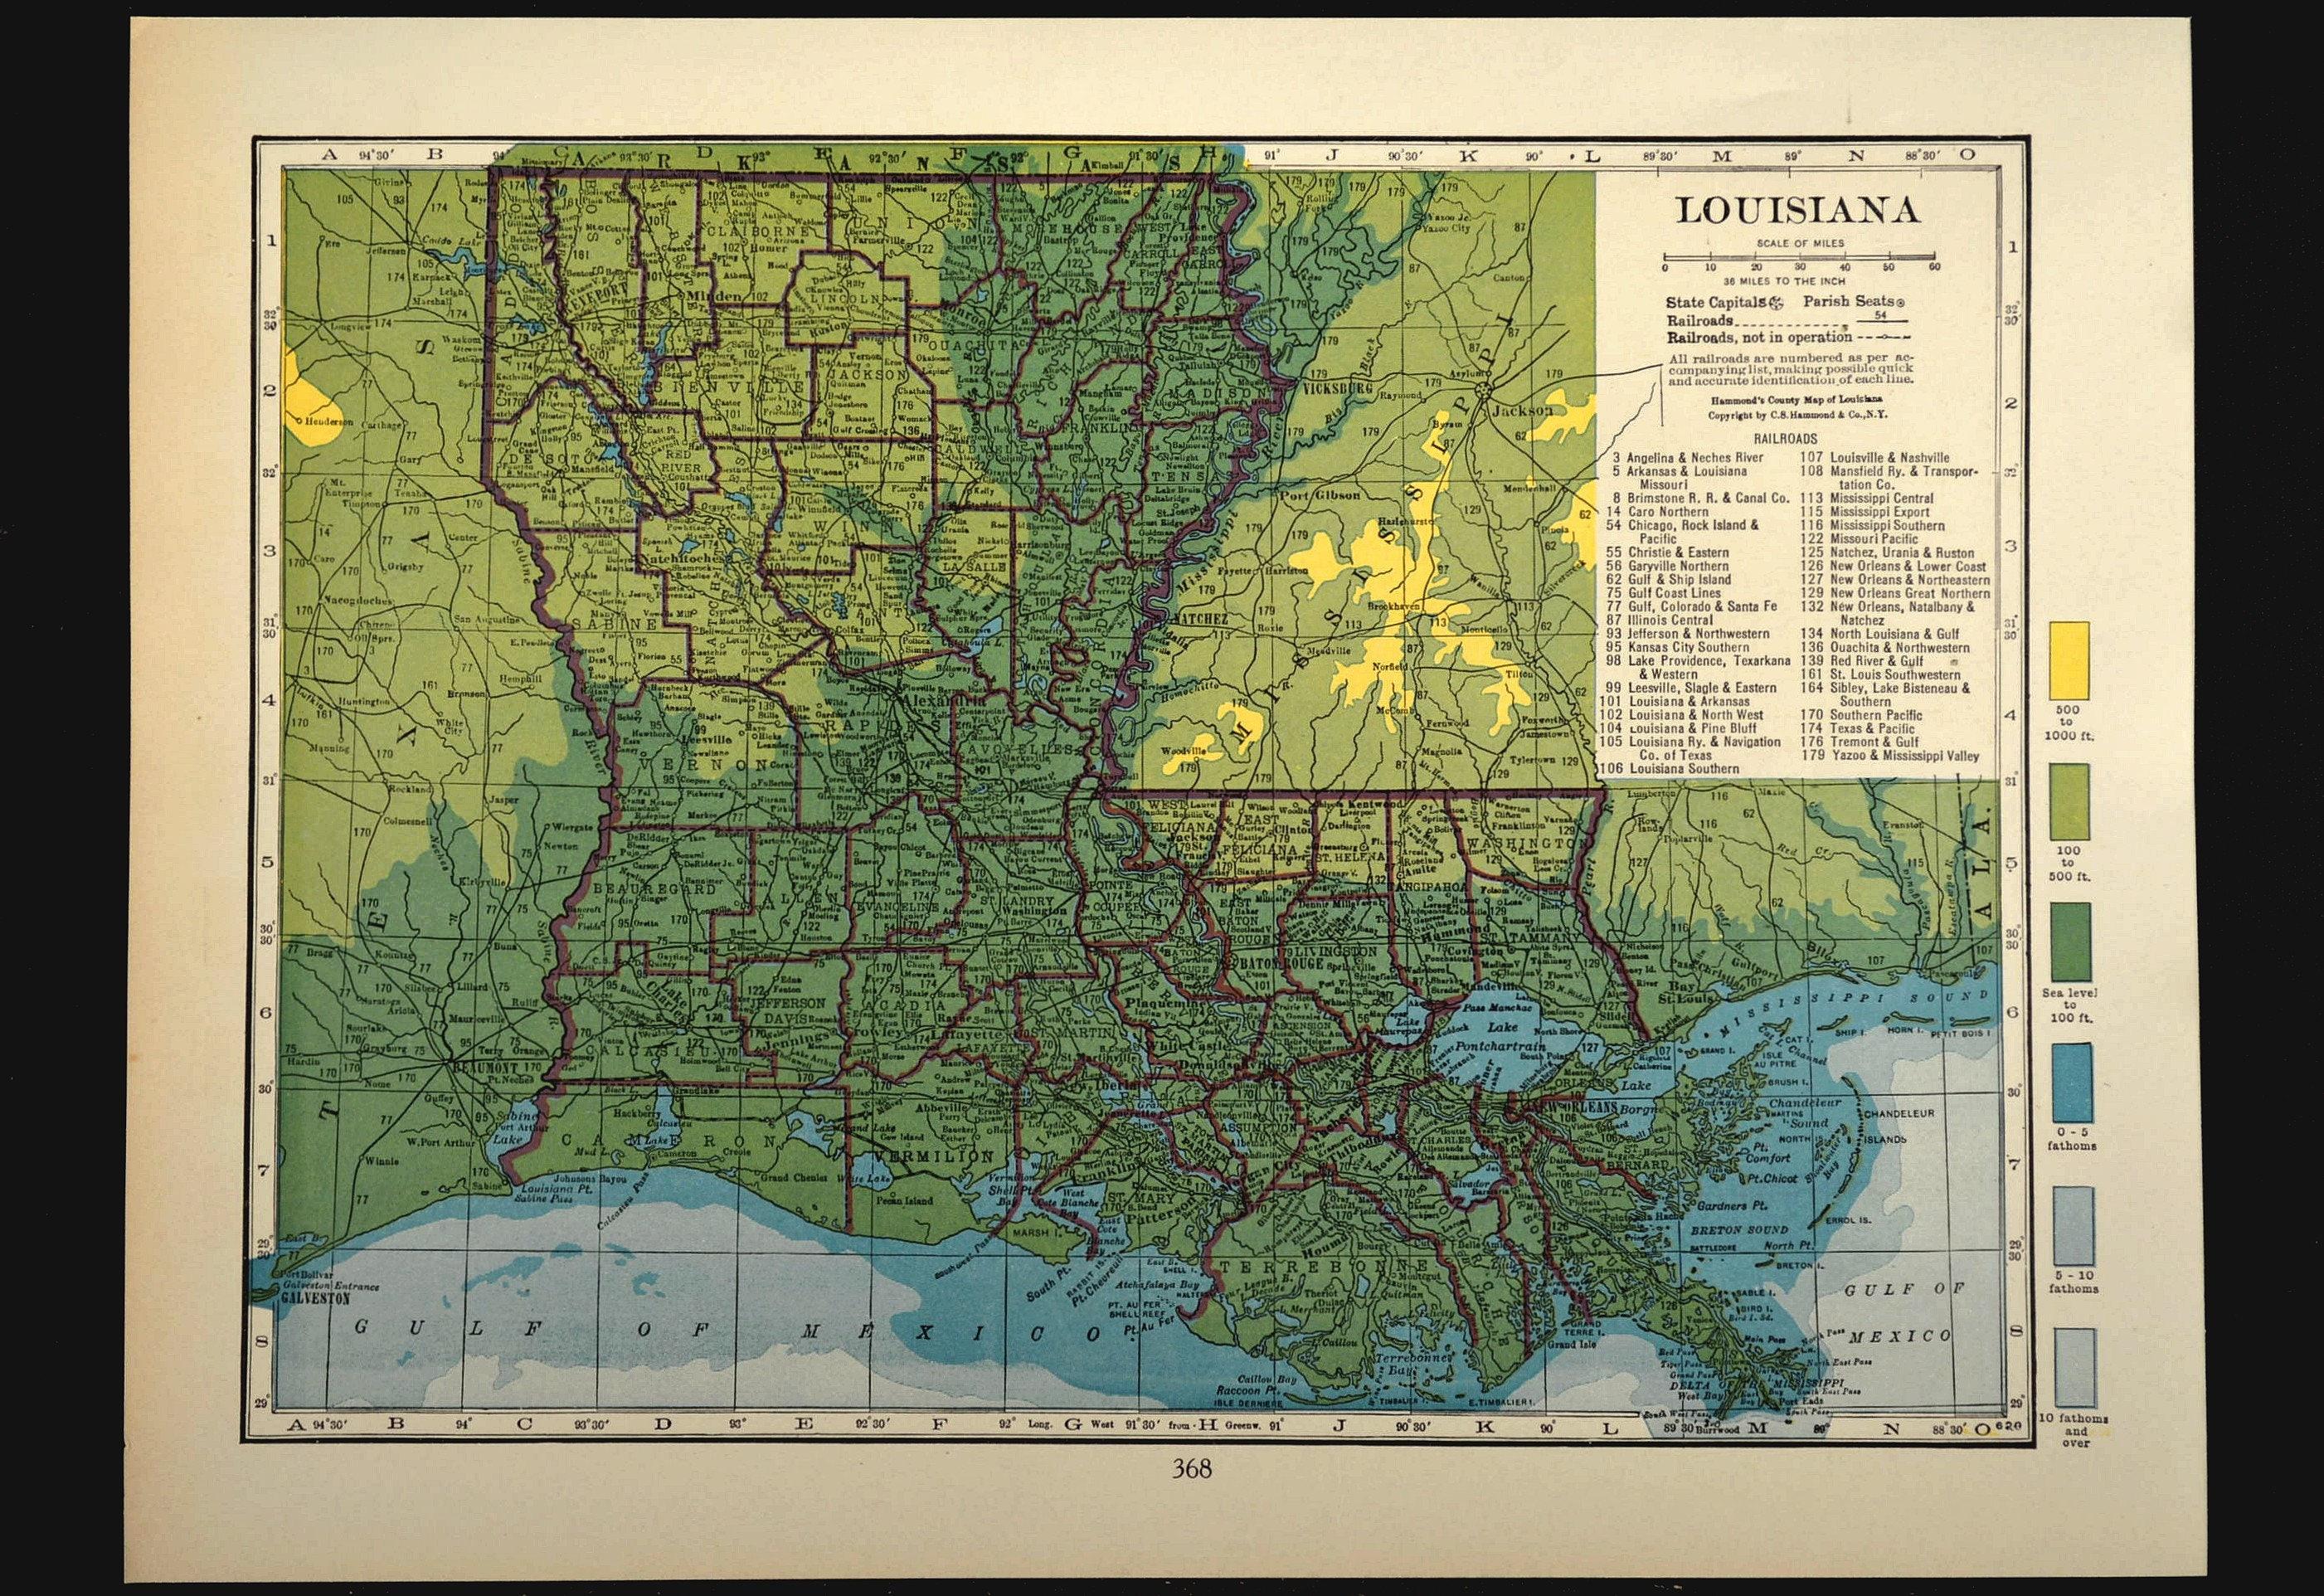 Louisiana Map Of Louisiana Wall Art Decor Topographic Map Etsy